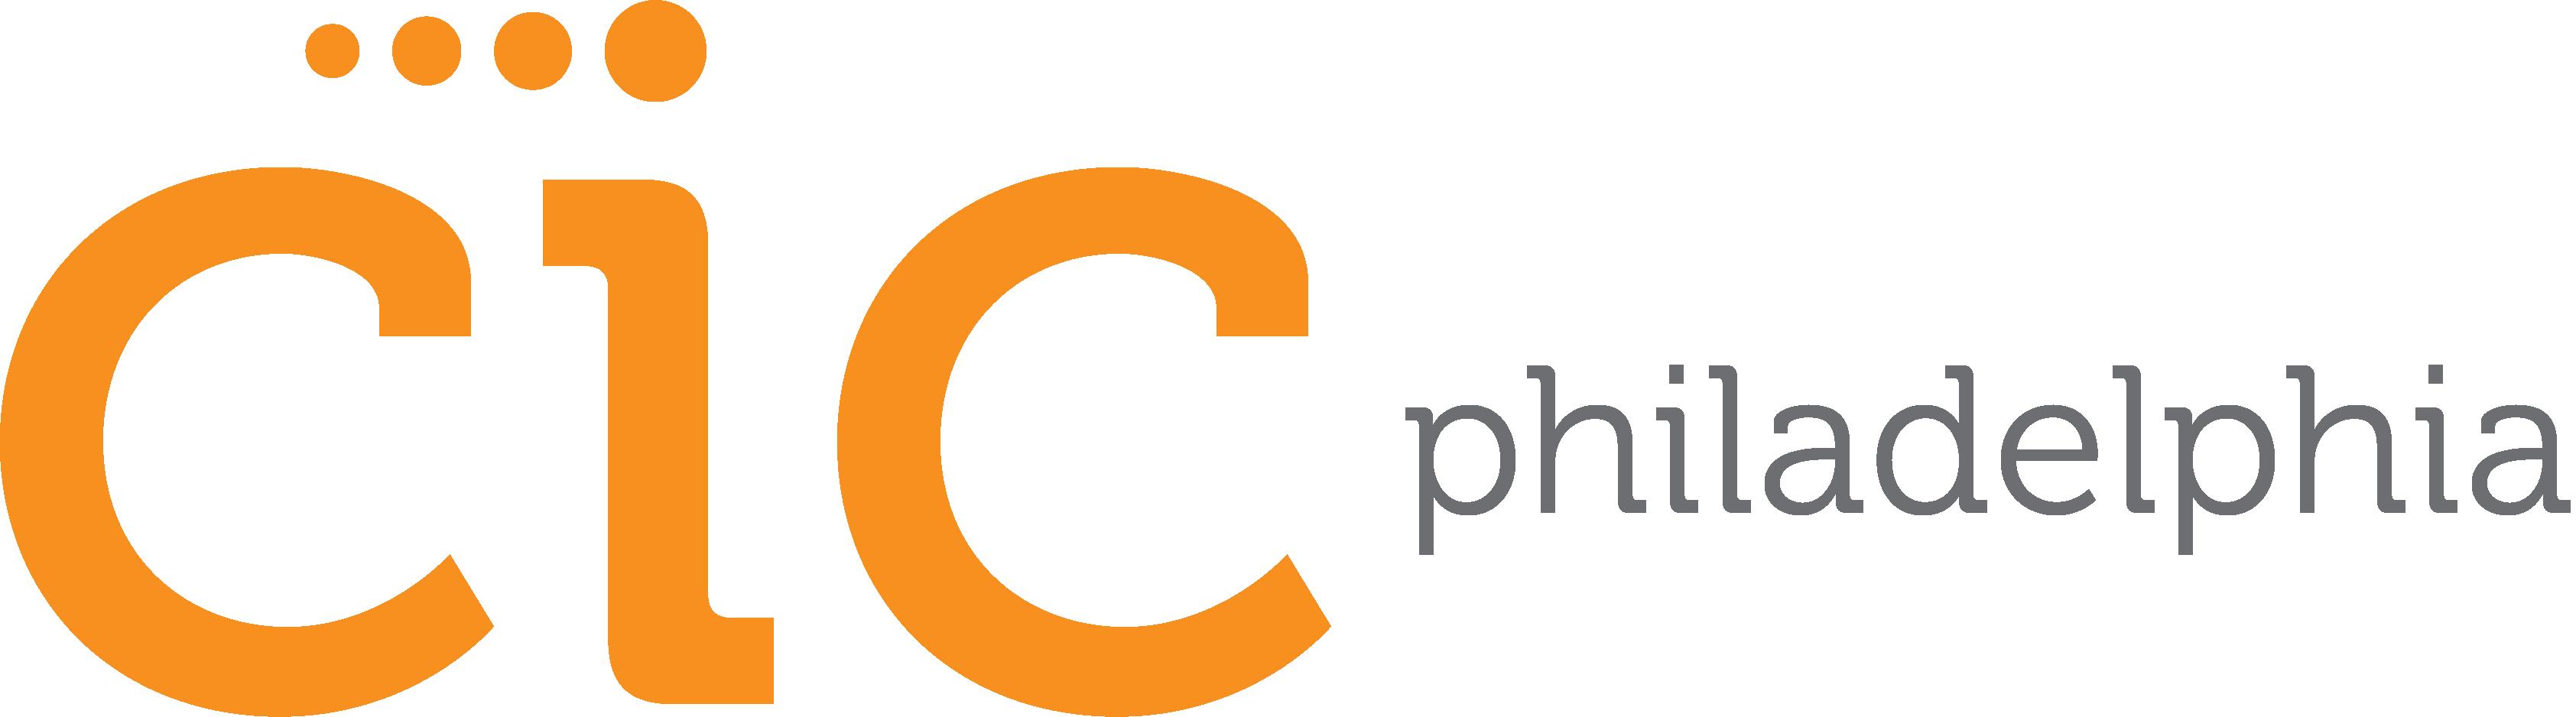 CIC Philadelphia